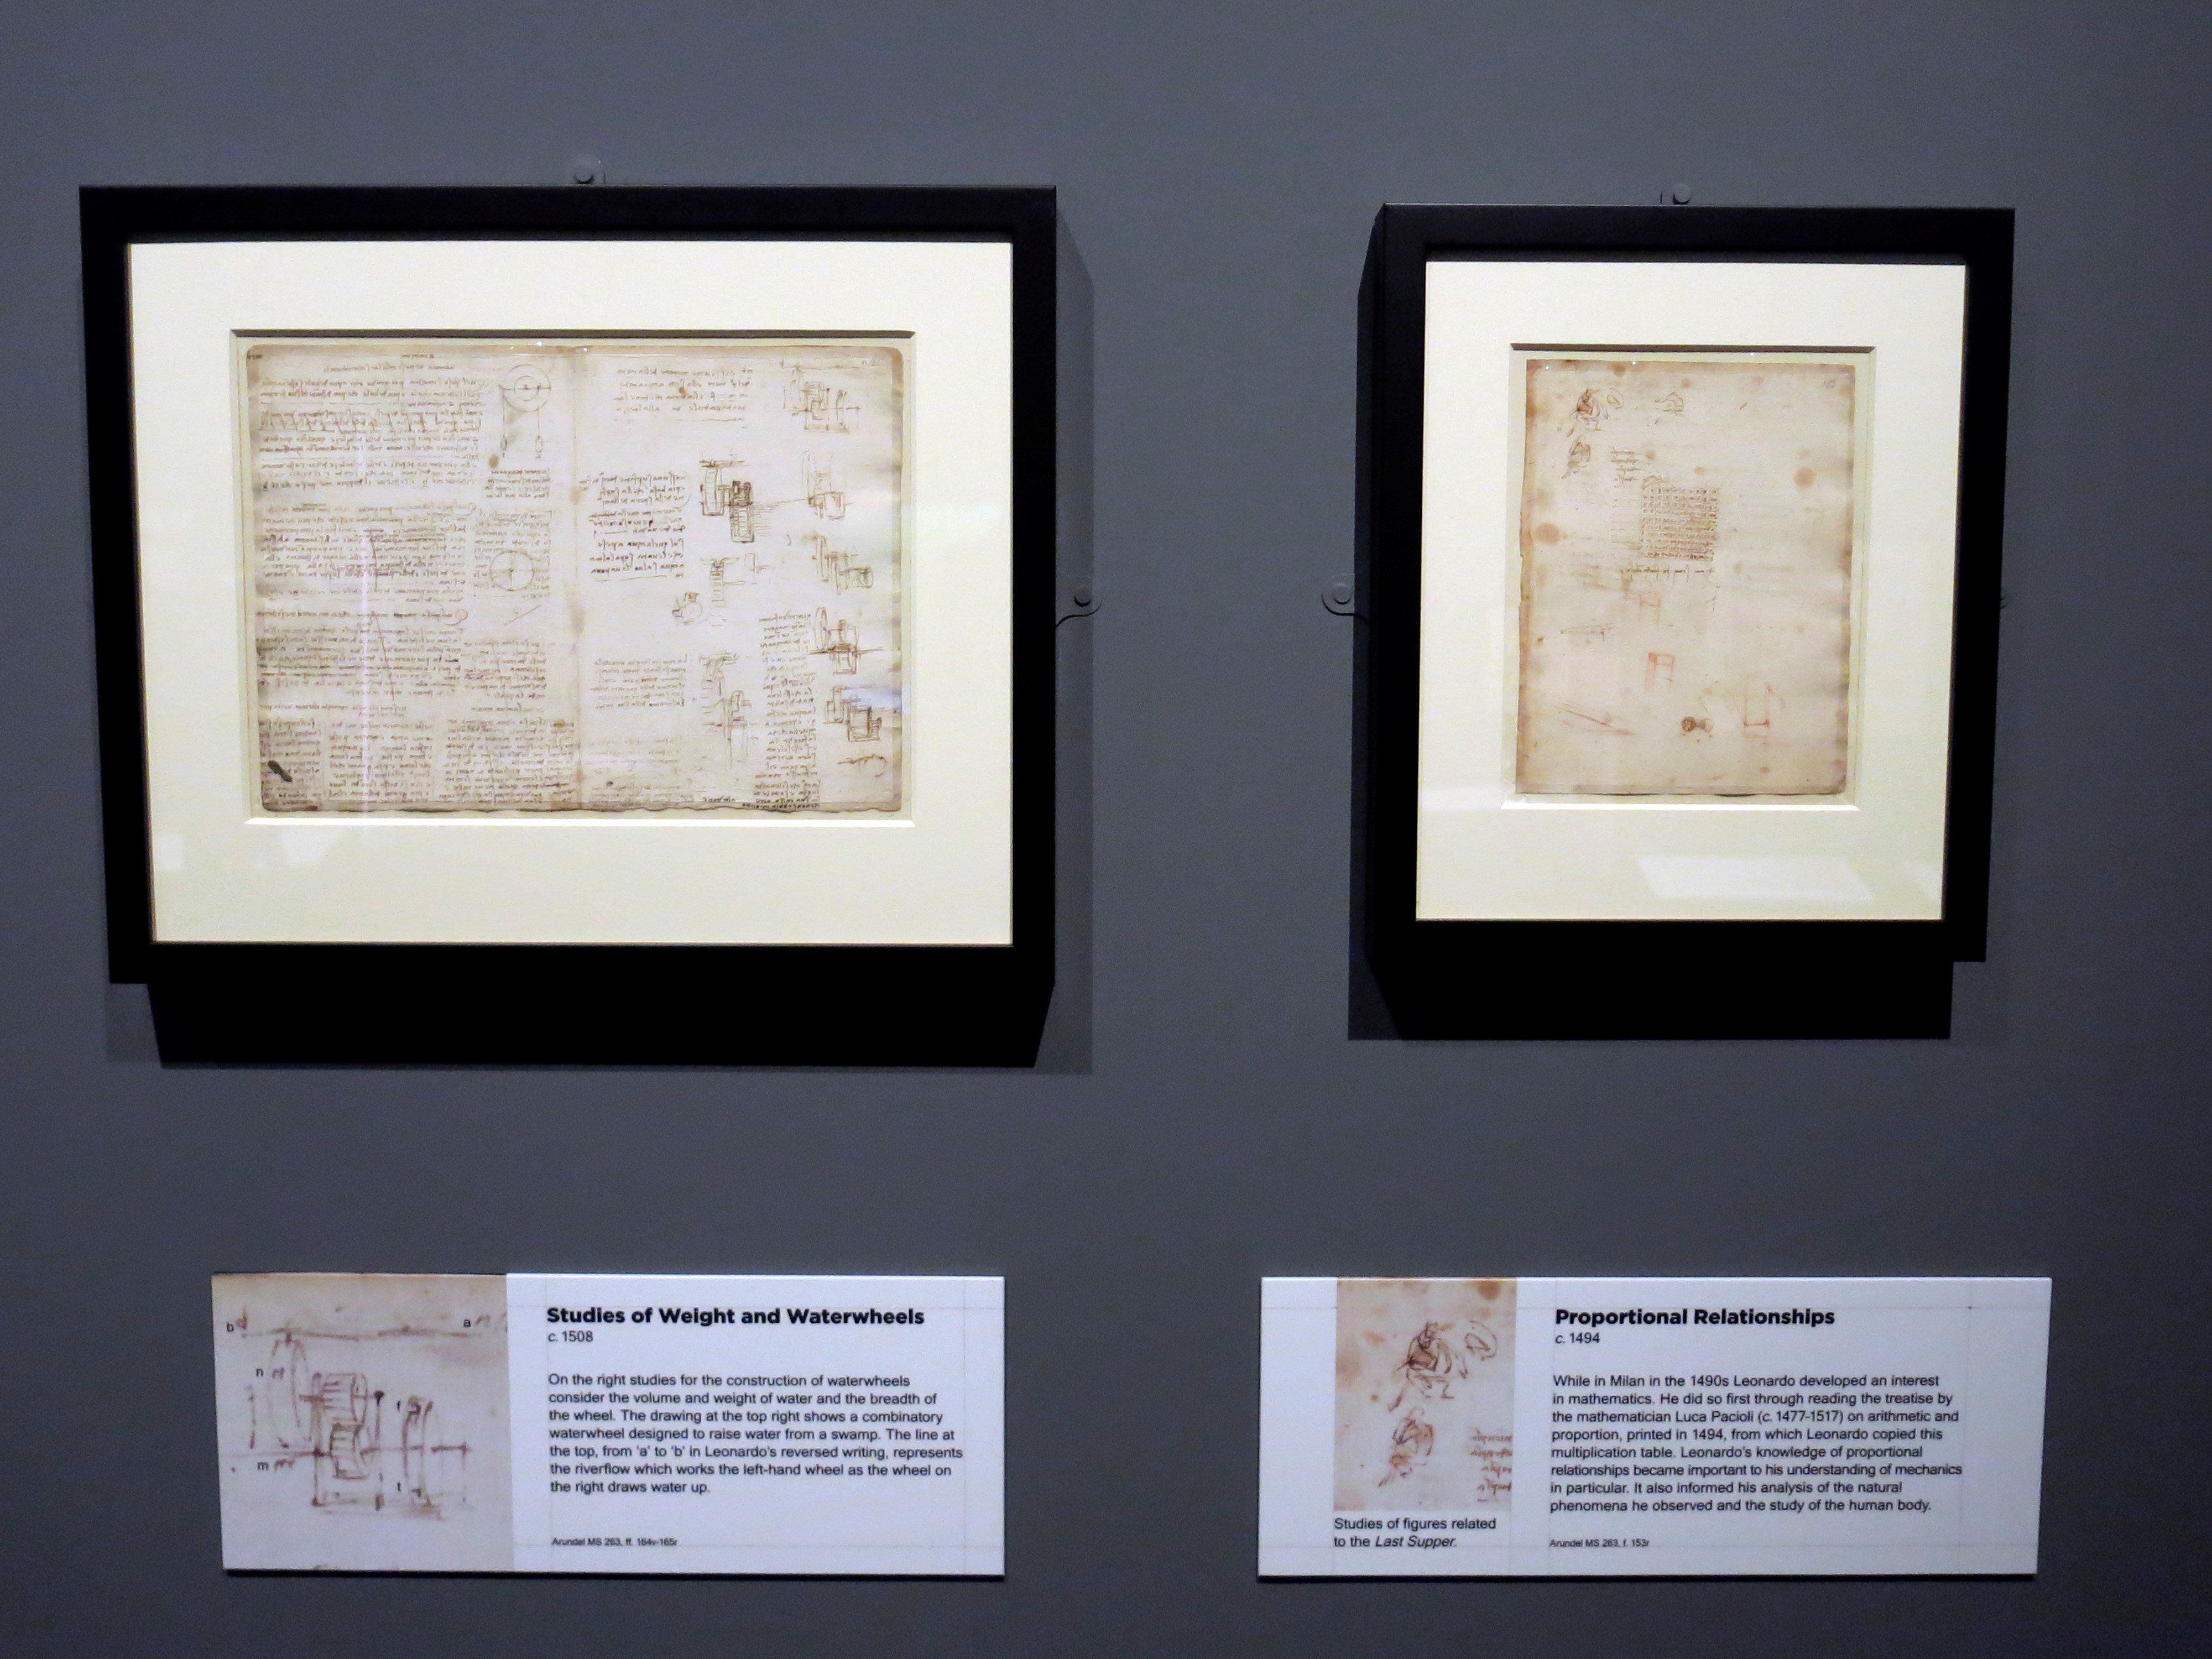 La mente del artista e inventor Leonardo da Vinci, al descubierto en Londres